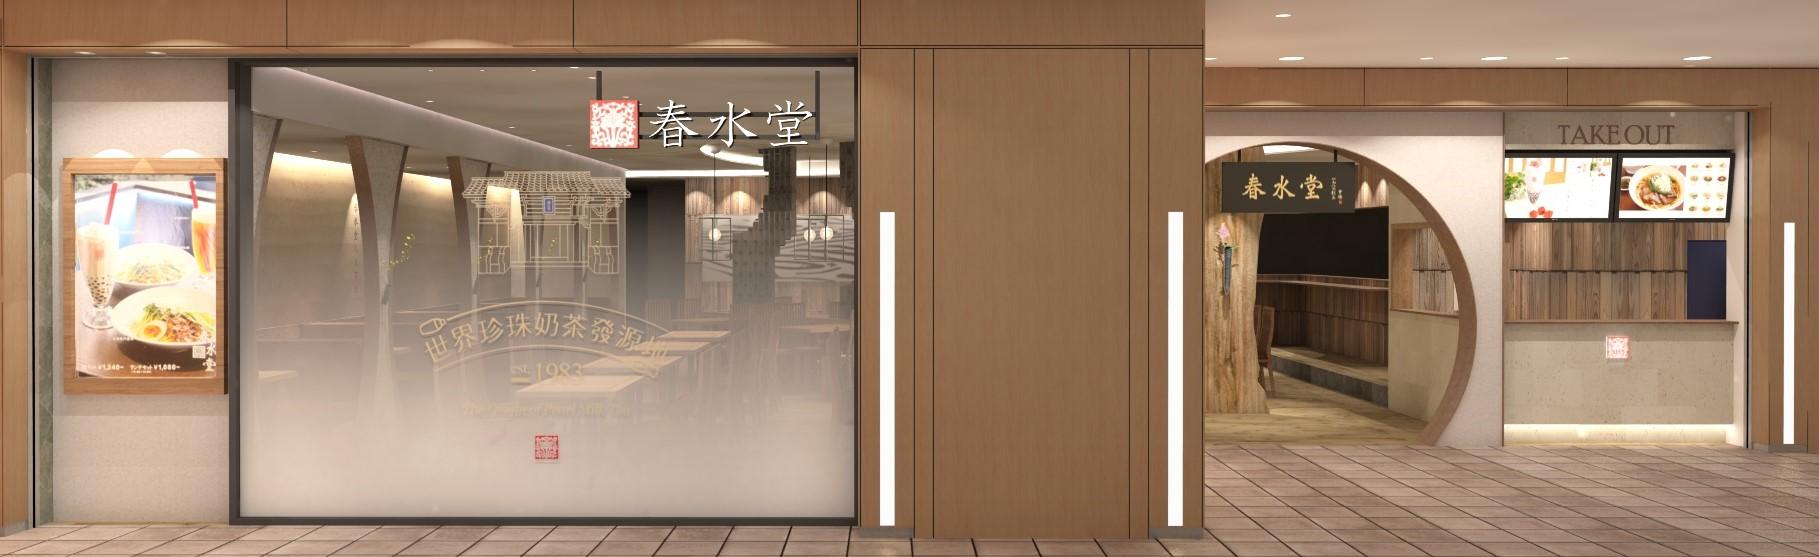 6/19(金)オープン『春水堂 渋谷マークシティ店』外観